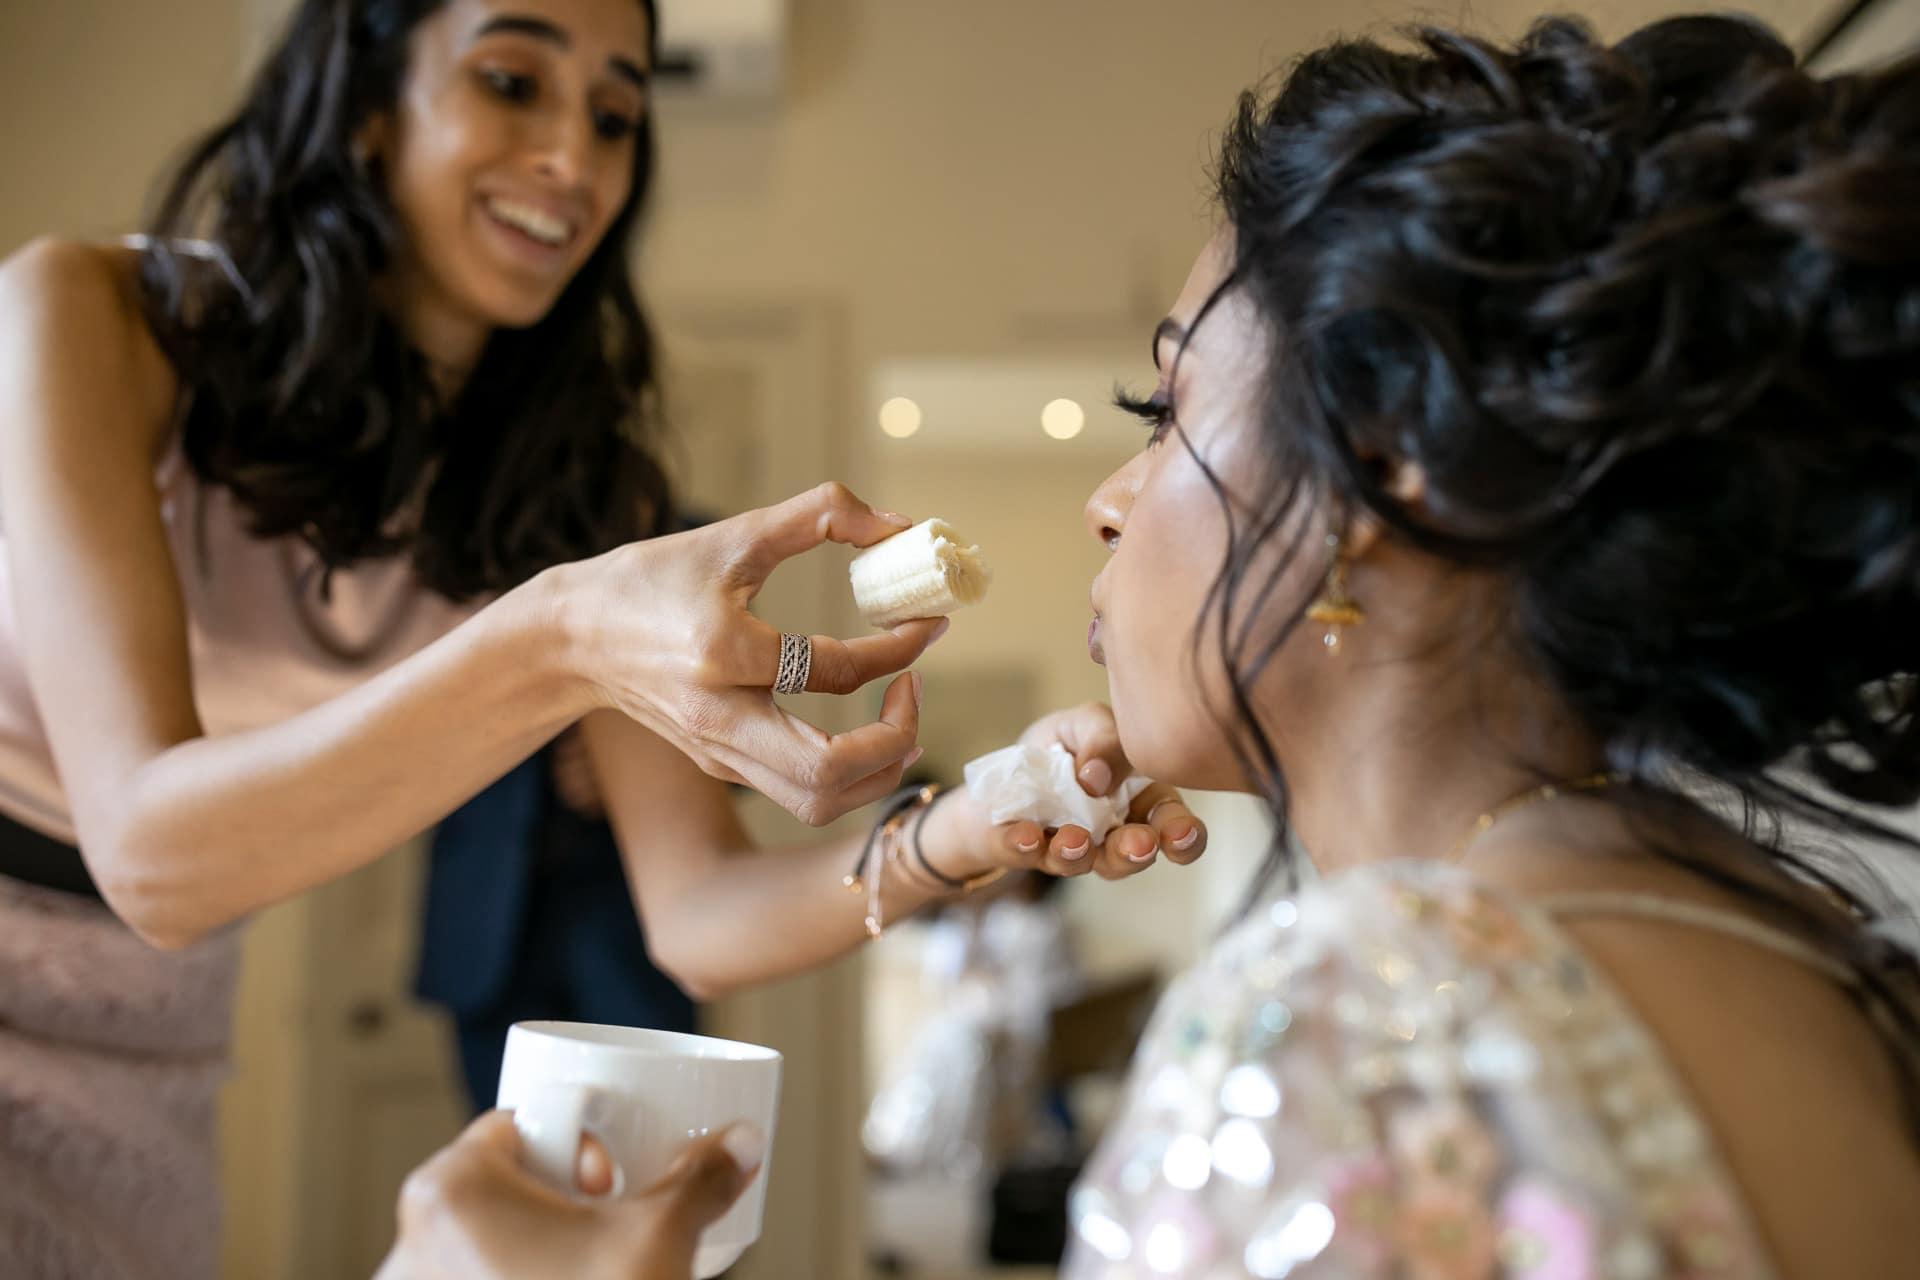 Bride eating Banana before Civil